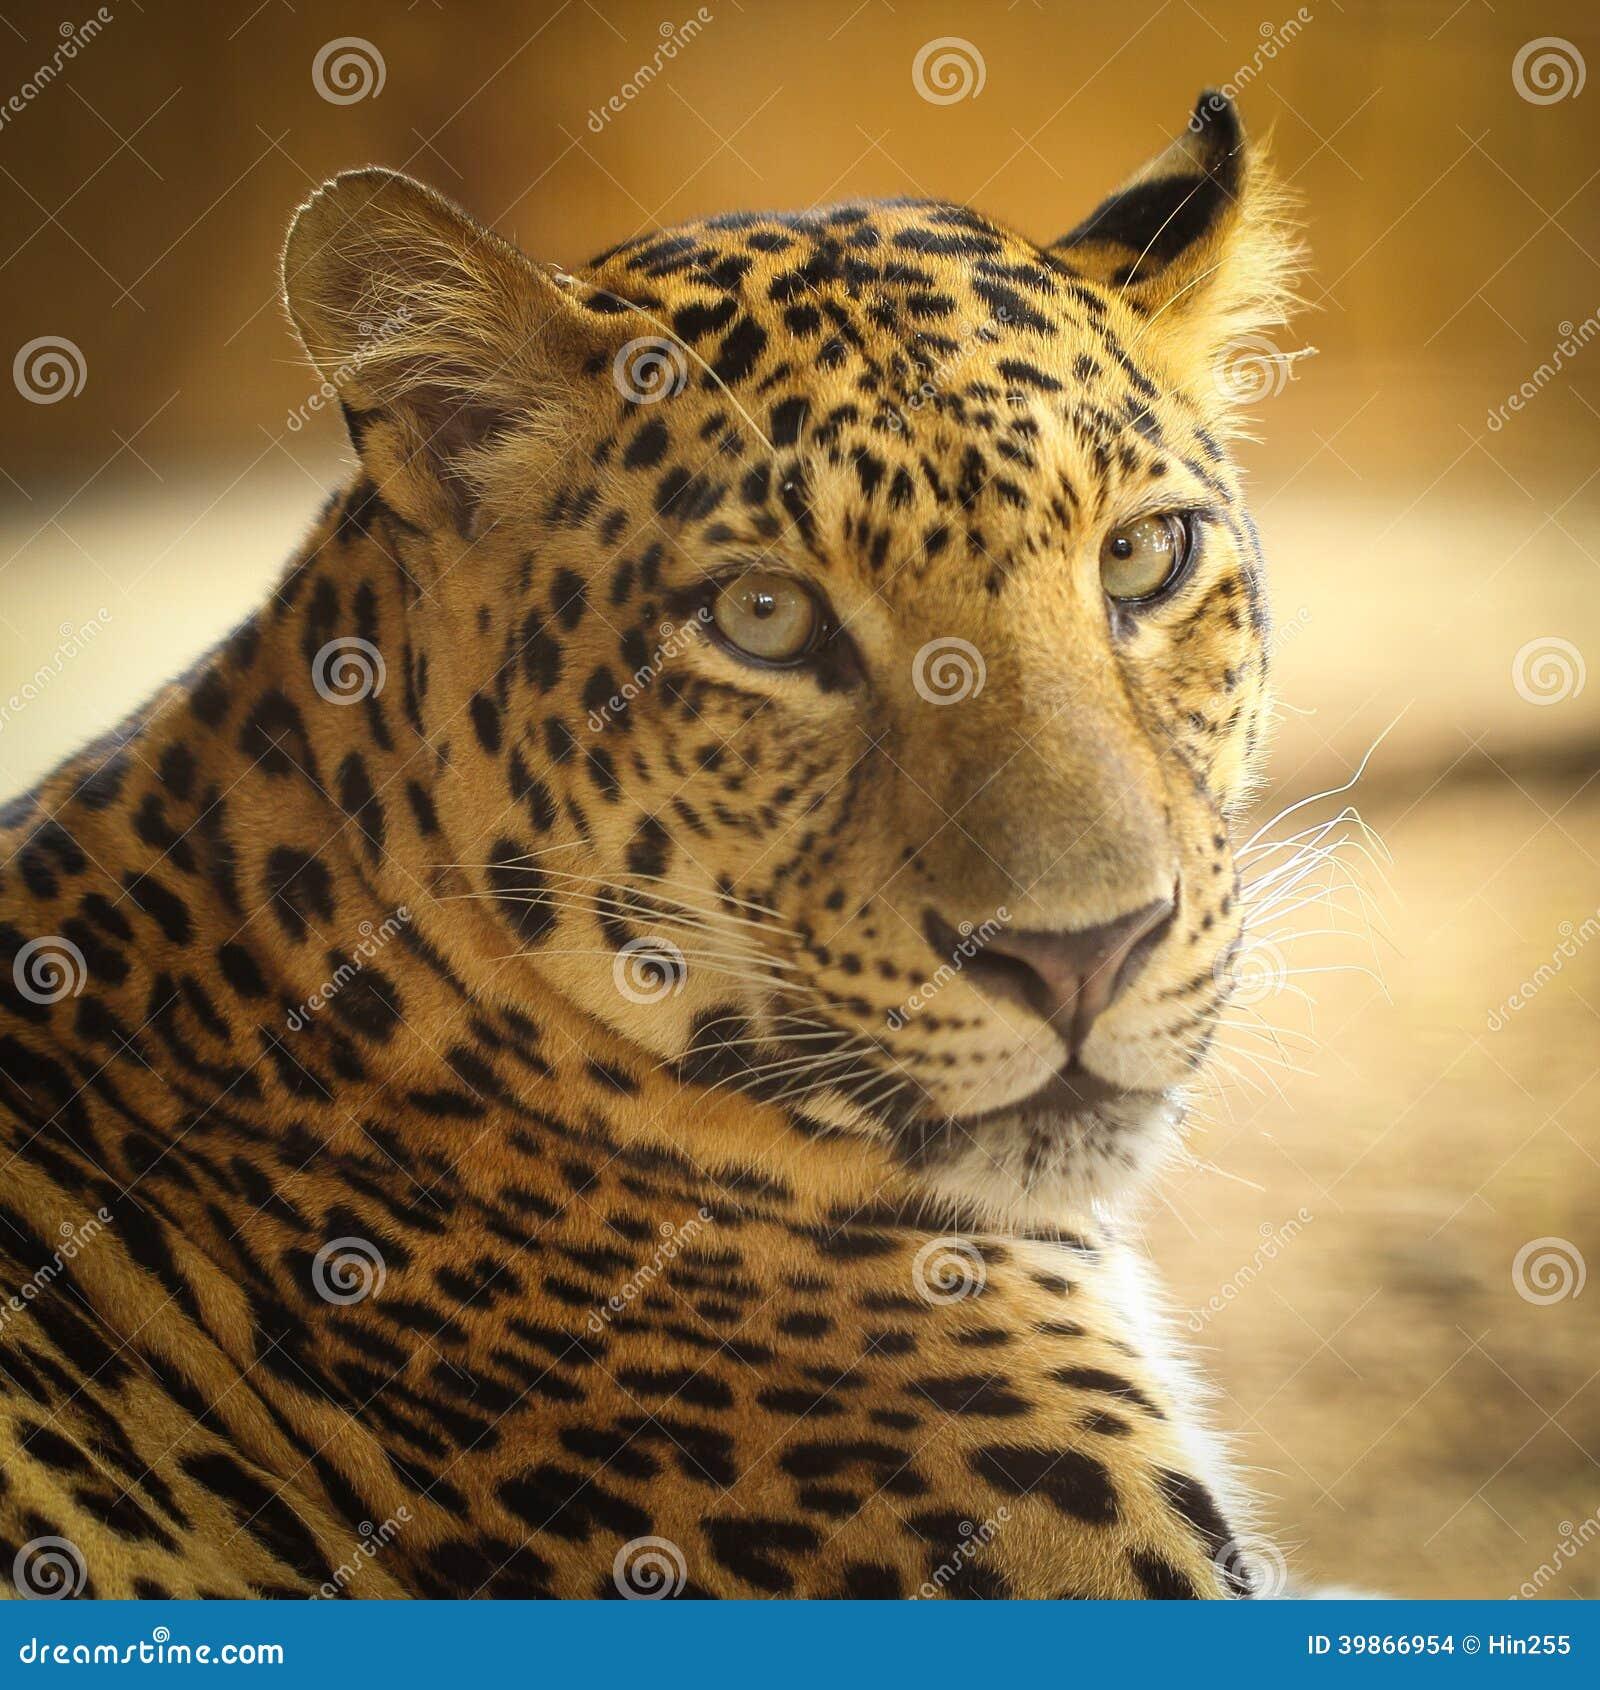 Jaguar Face: Close Up Face Of Jaguar Animal Stock Photo